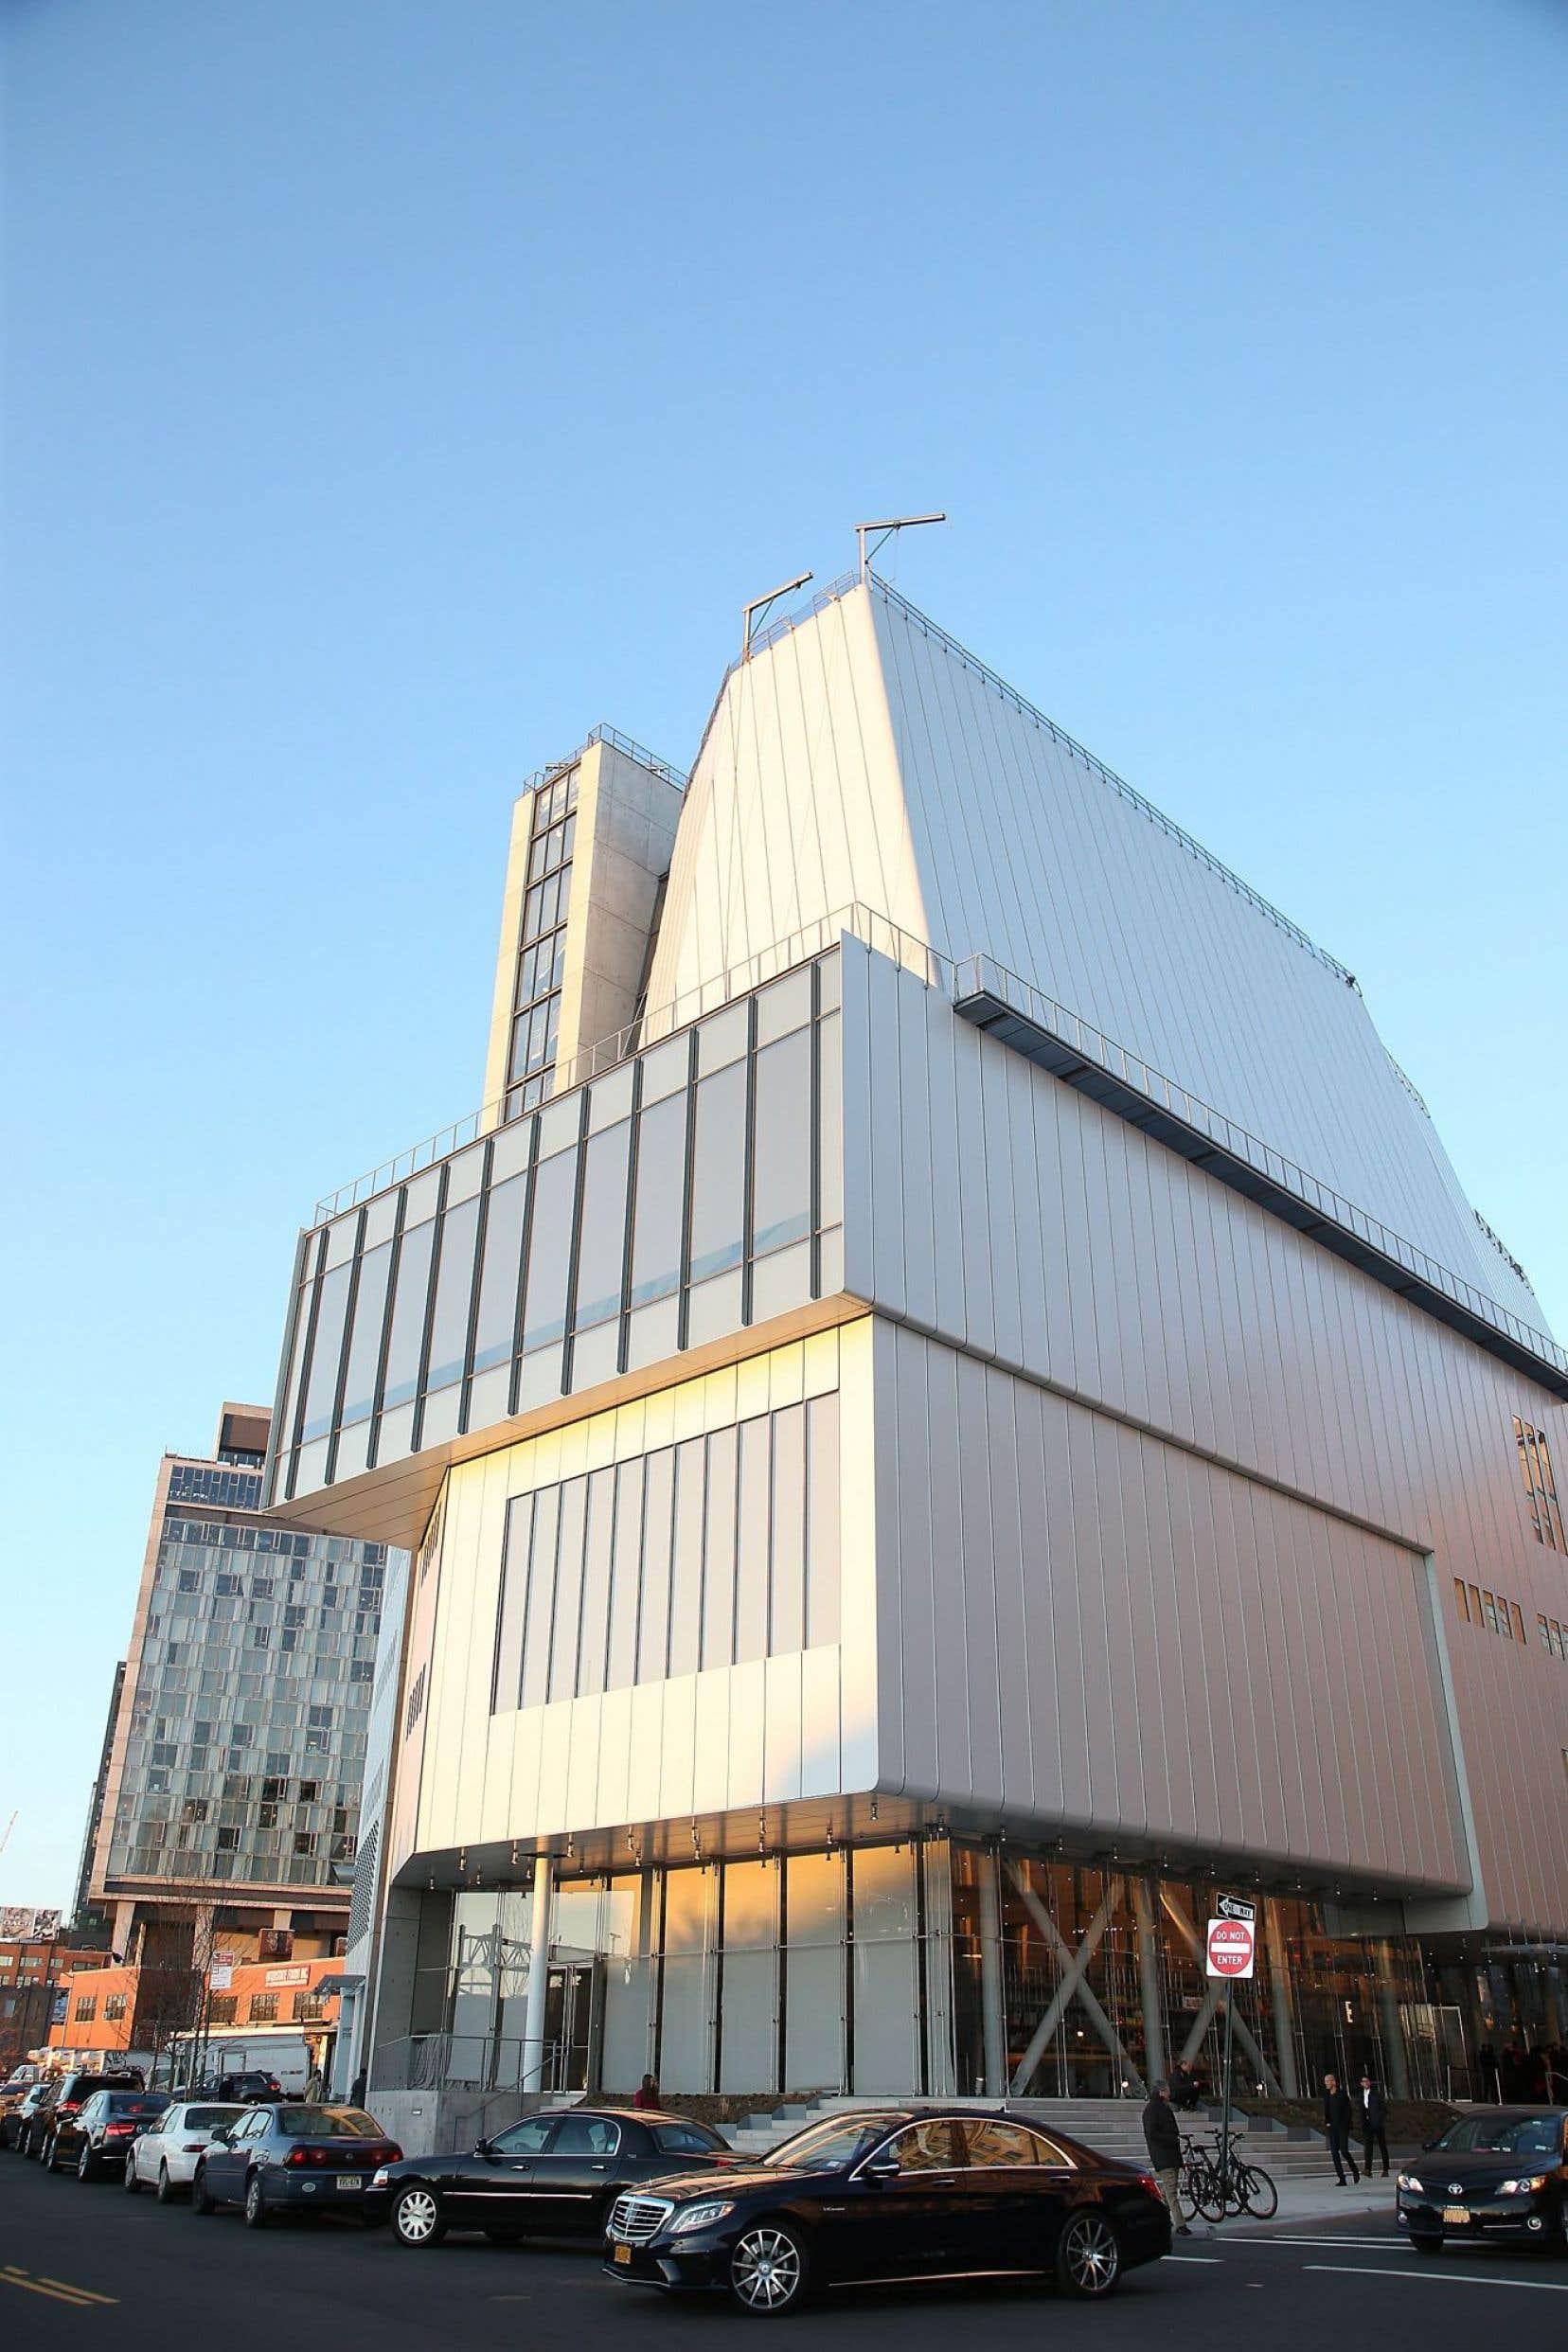 Le nouveau Whitney Museum, situé dans le district new-yorkais du Meatpacking, a récemment été inauguré par Michelle Obama. Le nouveau lieu, dessiné par Renzo Piano, a doublé ses surfaces d'exposition.